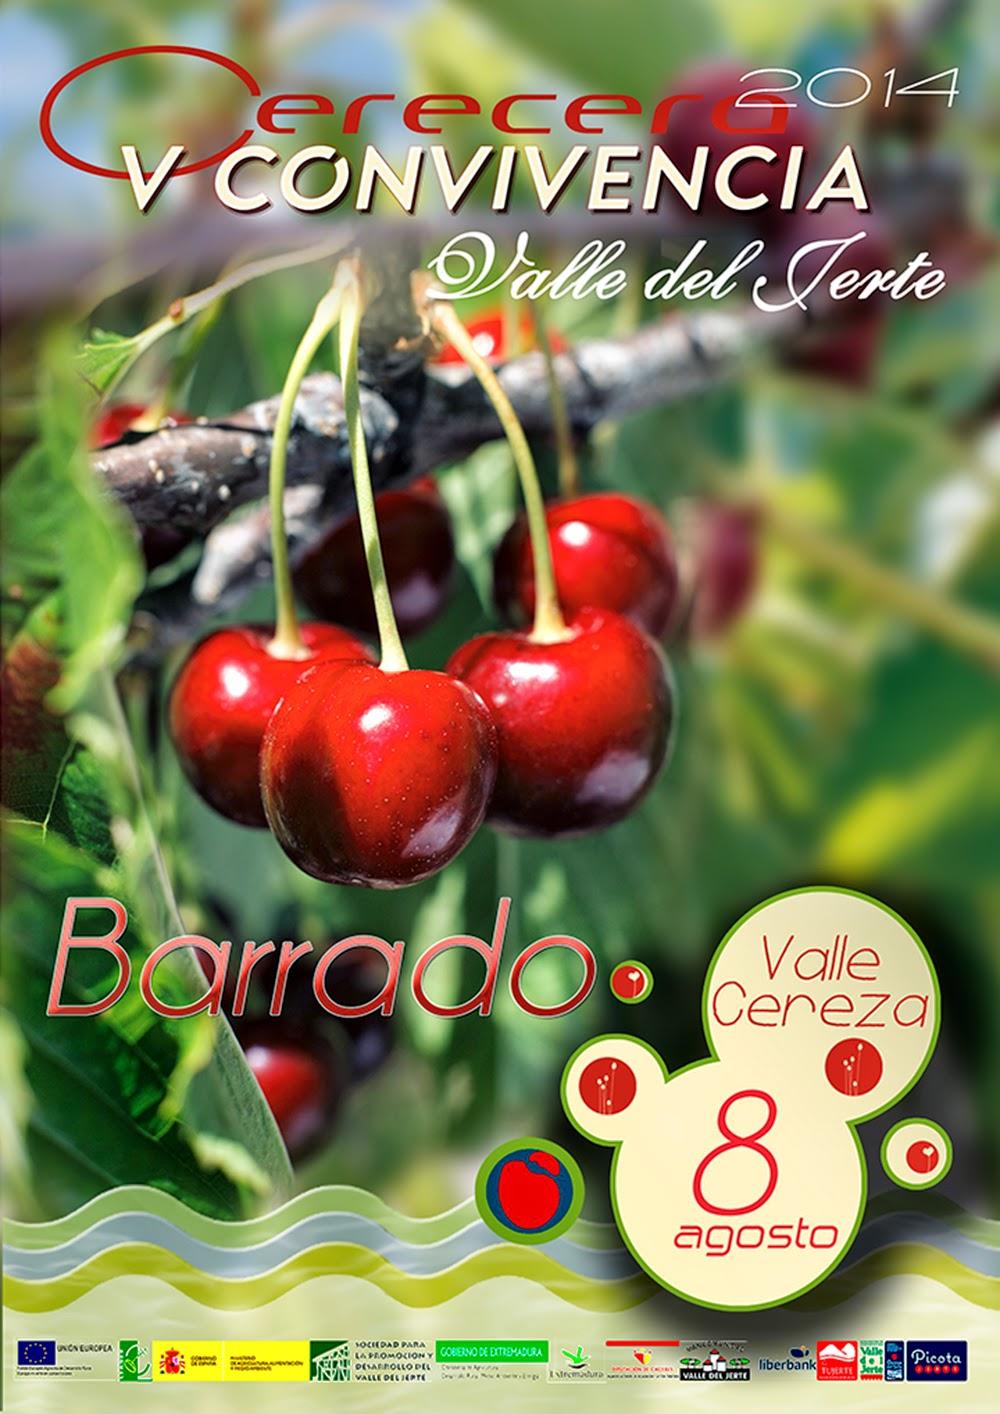 Convivencia Cerecera. 8 de agosto en Barrado (Valle del Jerte)